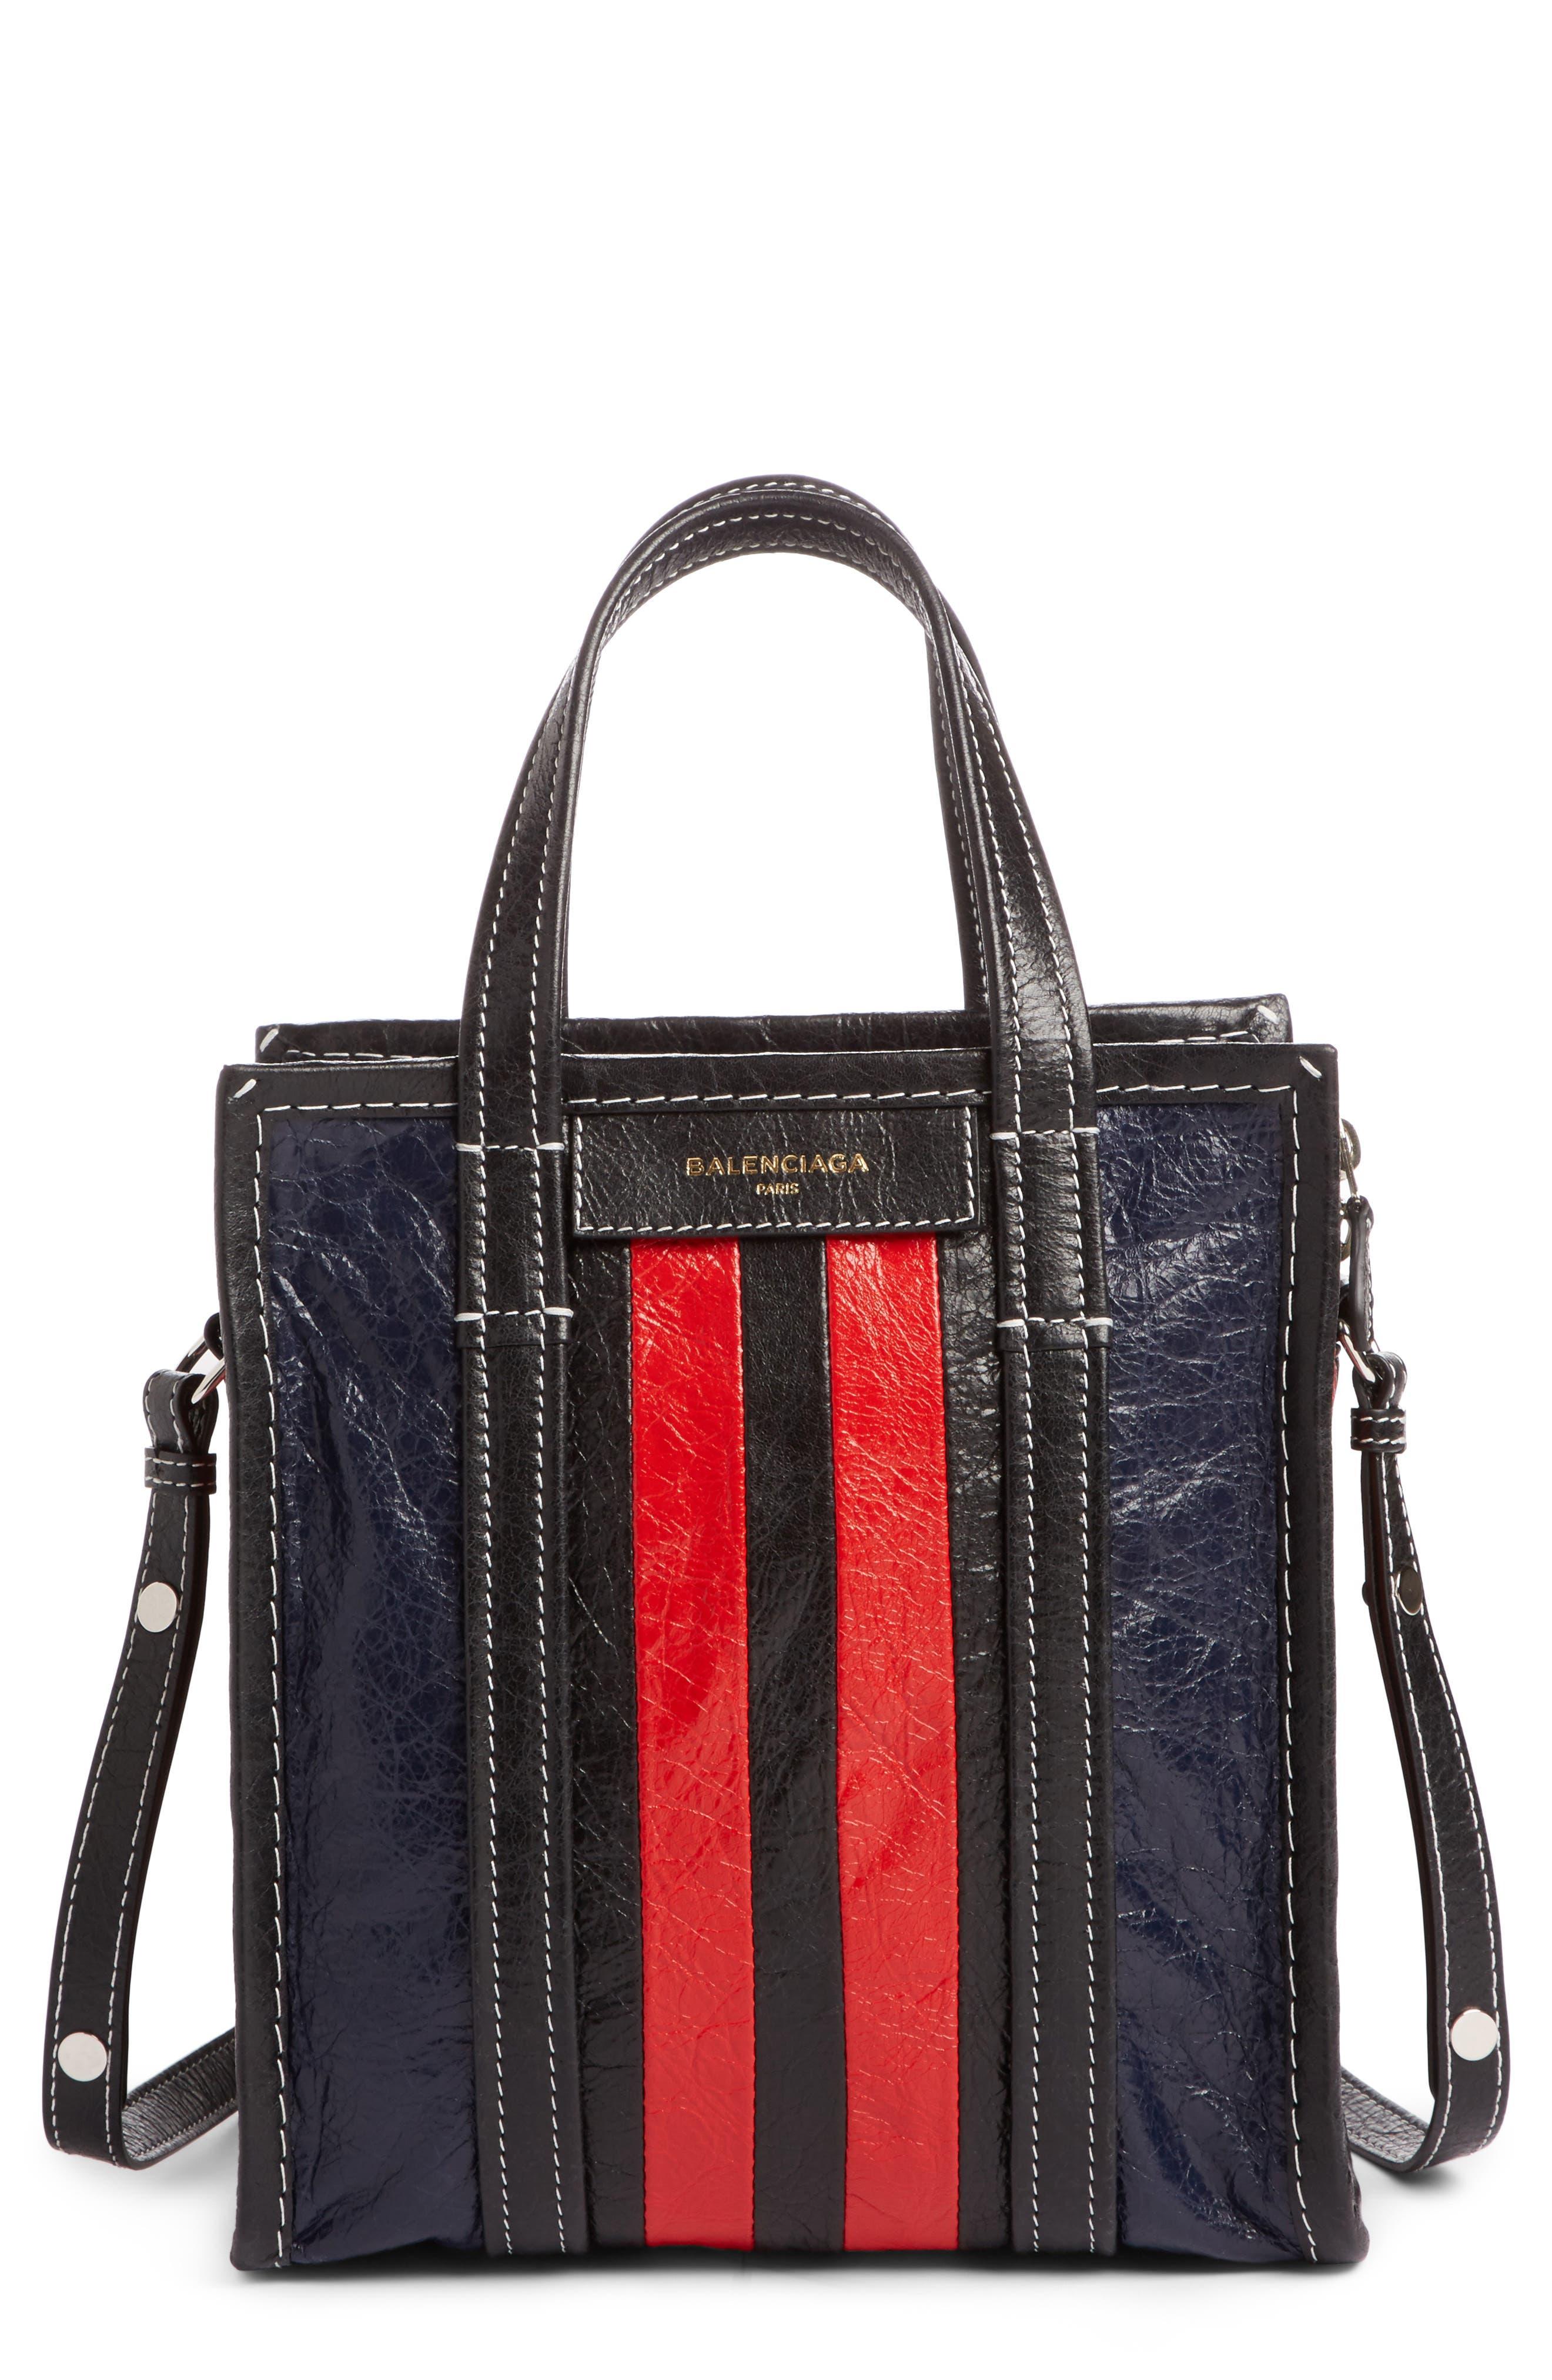 Balenciaga Extra Small Bazar Leather Shopper